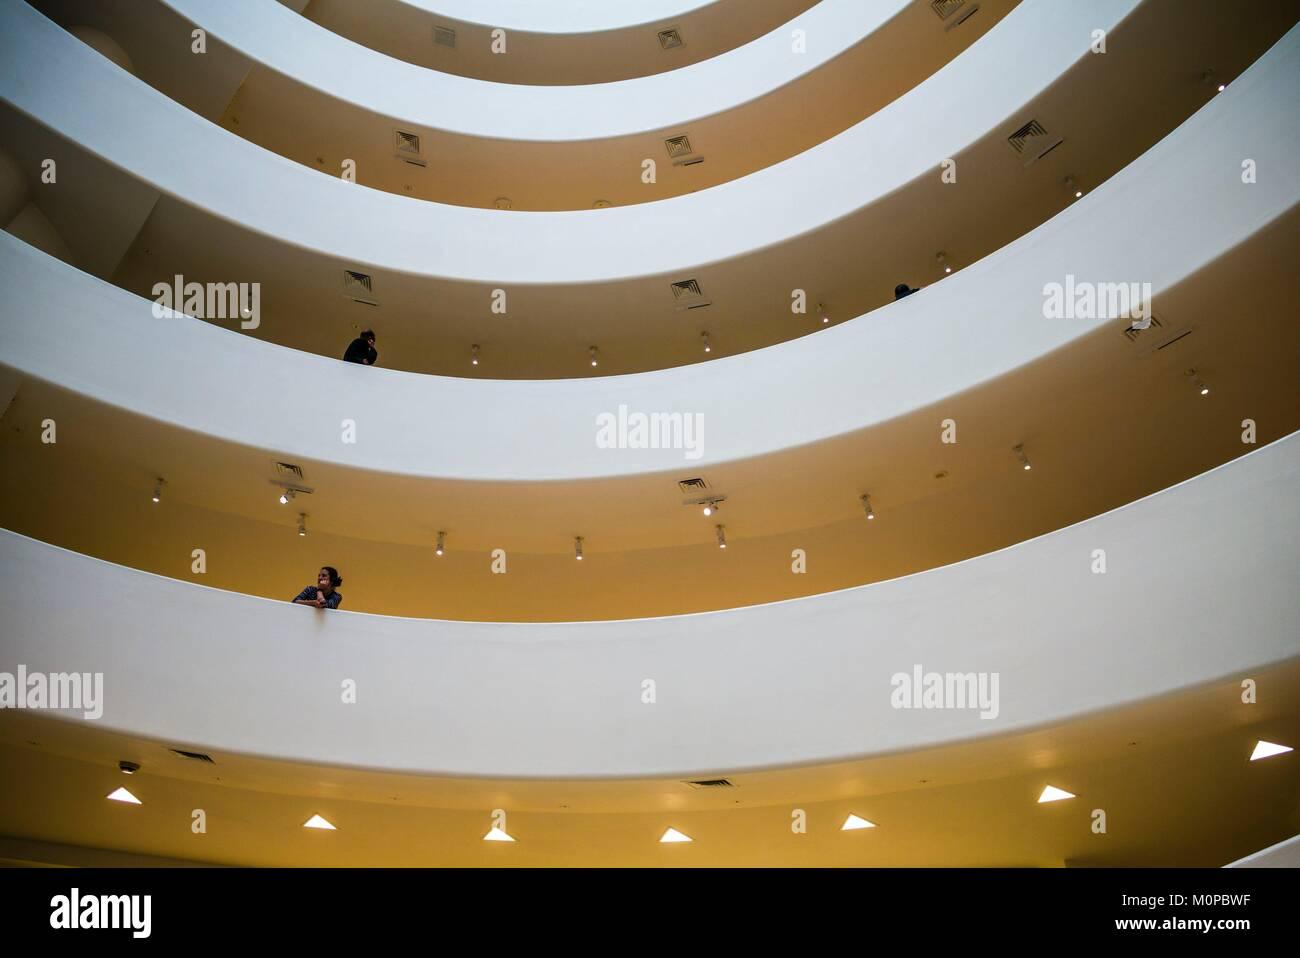 Estados Unidos,Nueva York,Nueva York,Upper East Side, Museo Guggenheim,vestíbulo interior Imagen De Stock